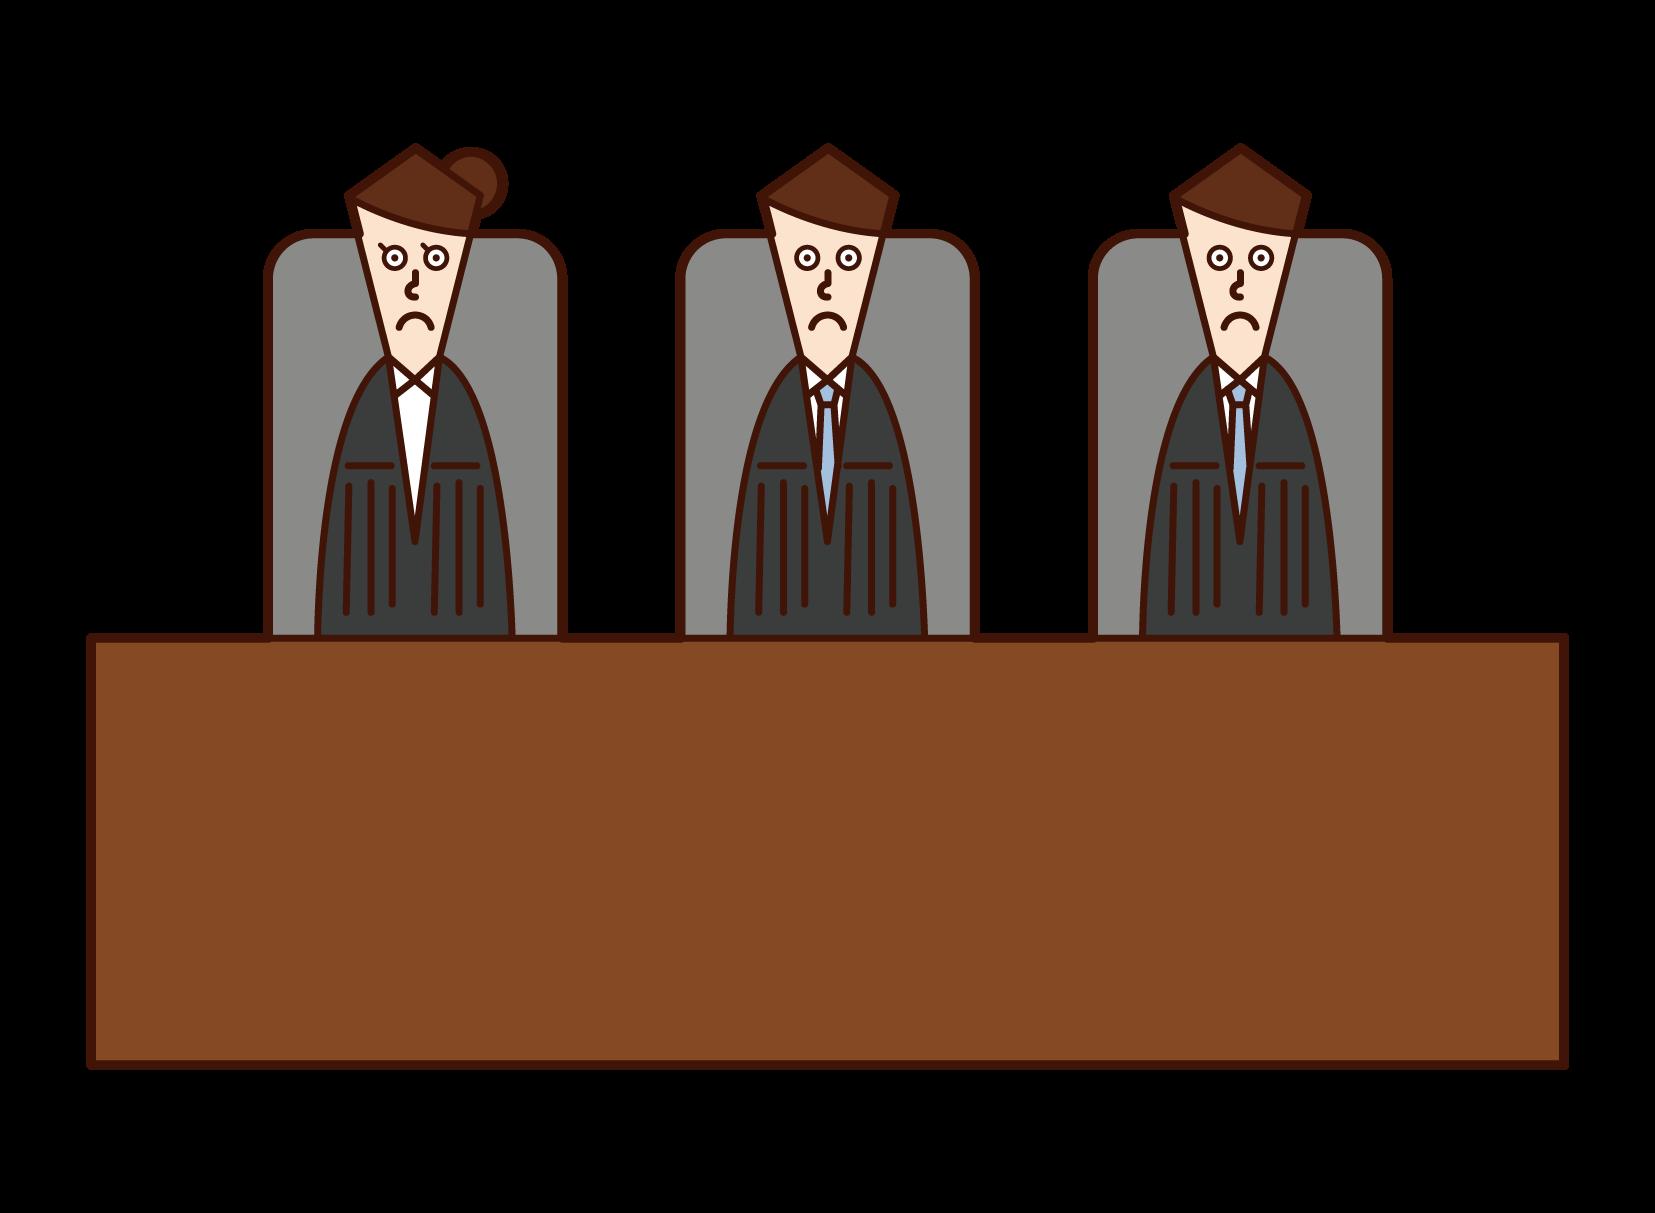 裁判官のイラスト